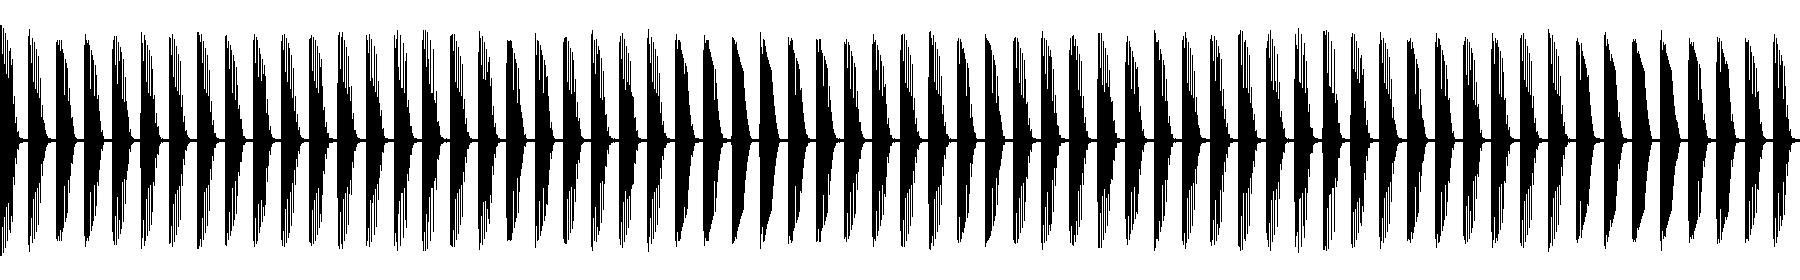 bass9 161